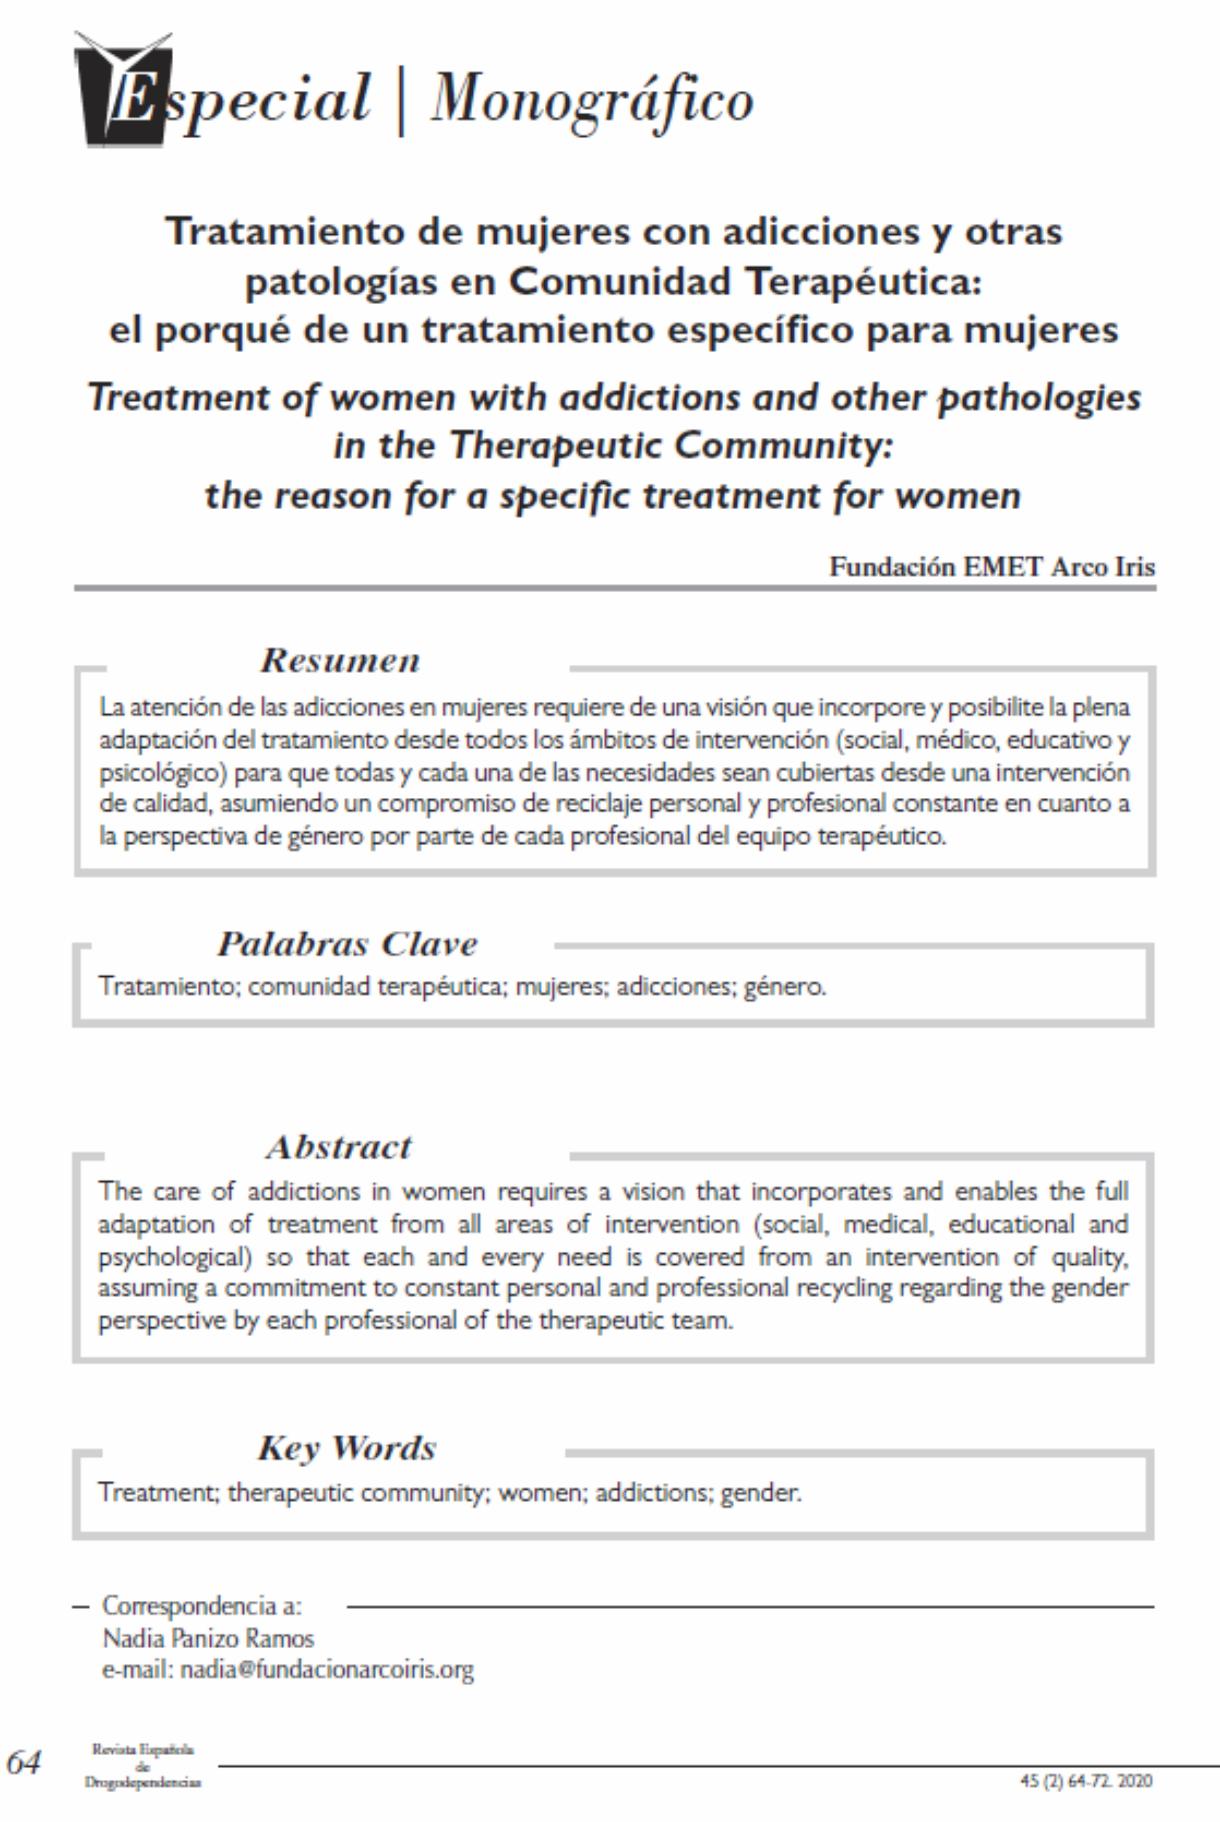 Fundación EMET Arco Iris: Tratamiento de mujeres con adicciones y otras patologías en Comunidad Terapéutica: el porqué de un tratamiento específico para mujeres